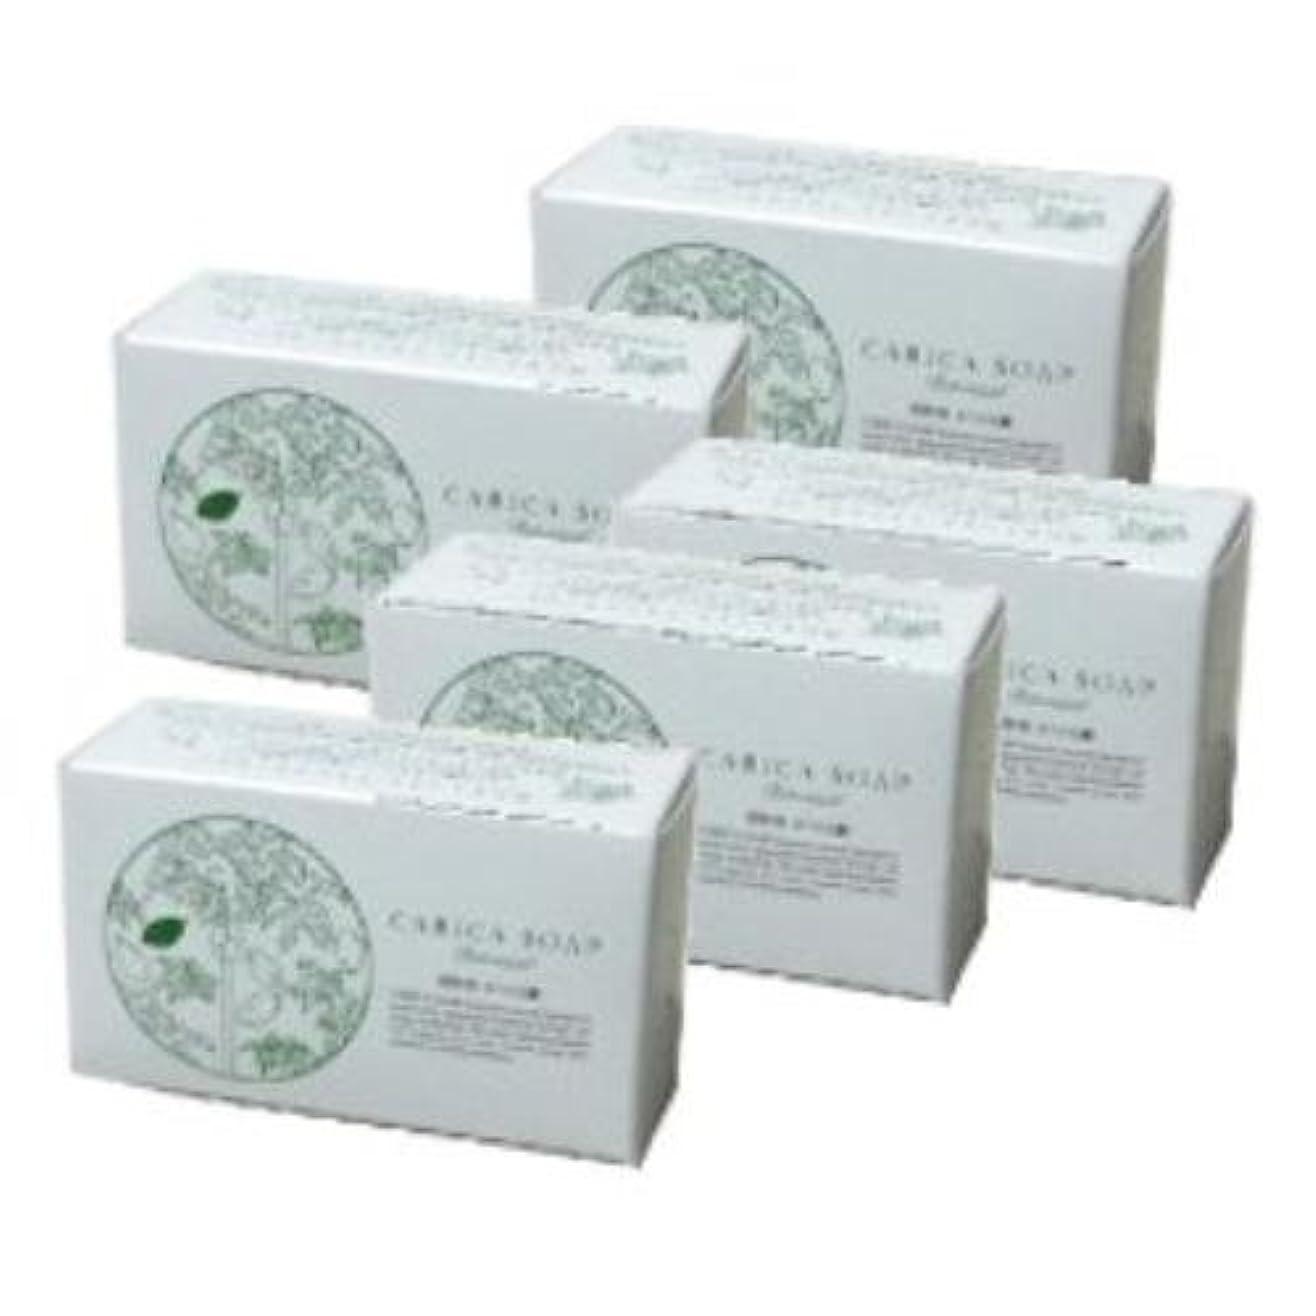 植物性カリカ石鹸 100g 5個セット